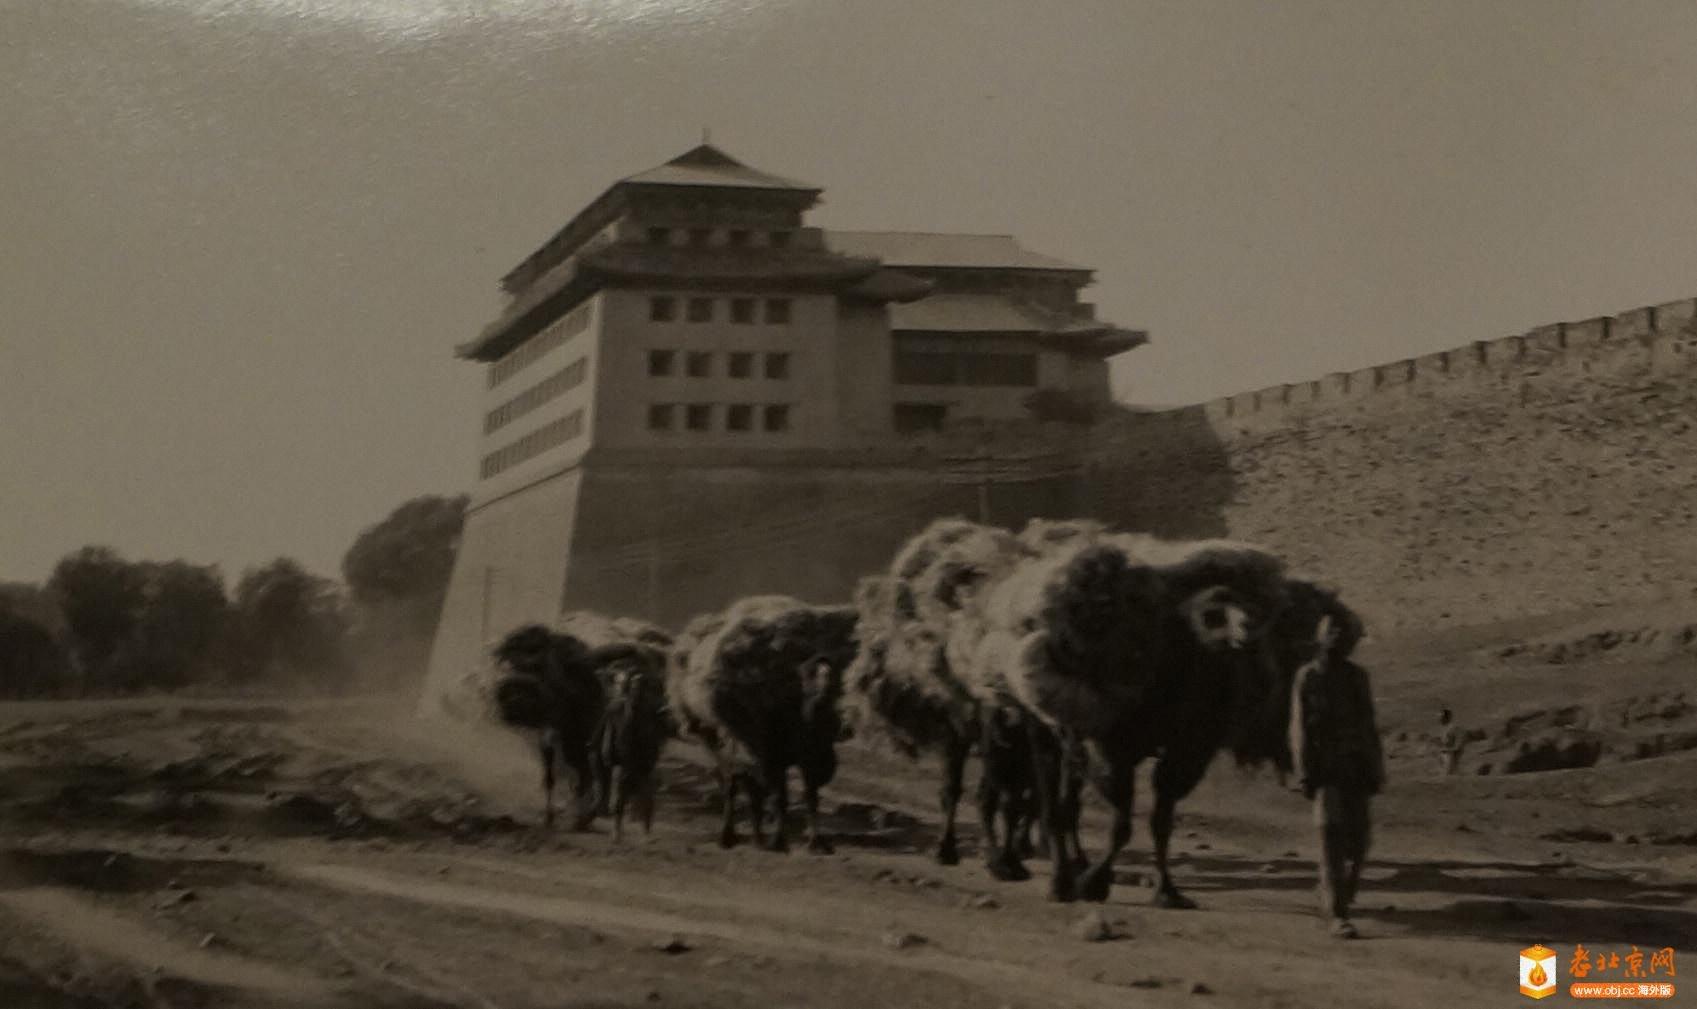 骆驼队穿过城门楼.jpg